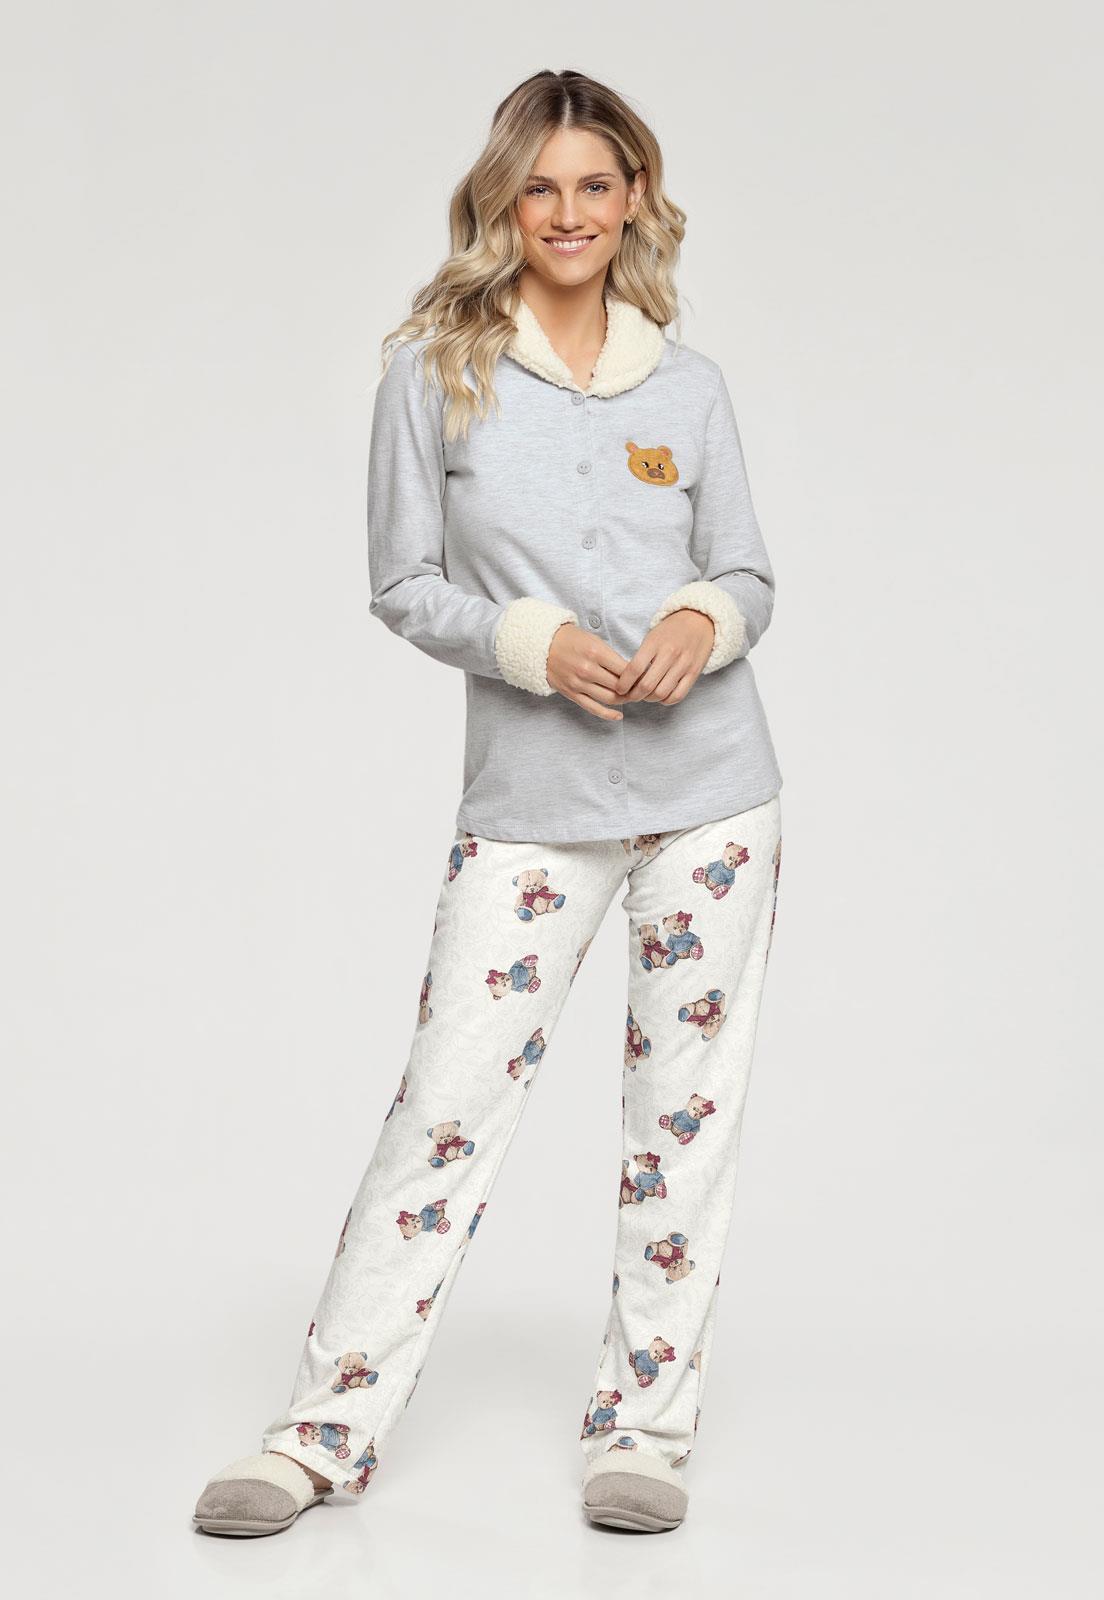 9b1d3e250 Pijama Manga Longa com Abertura Frontal Estampa de Ursinhos 10902 Cor Com  Amor